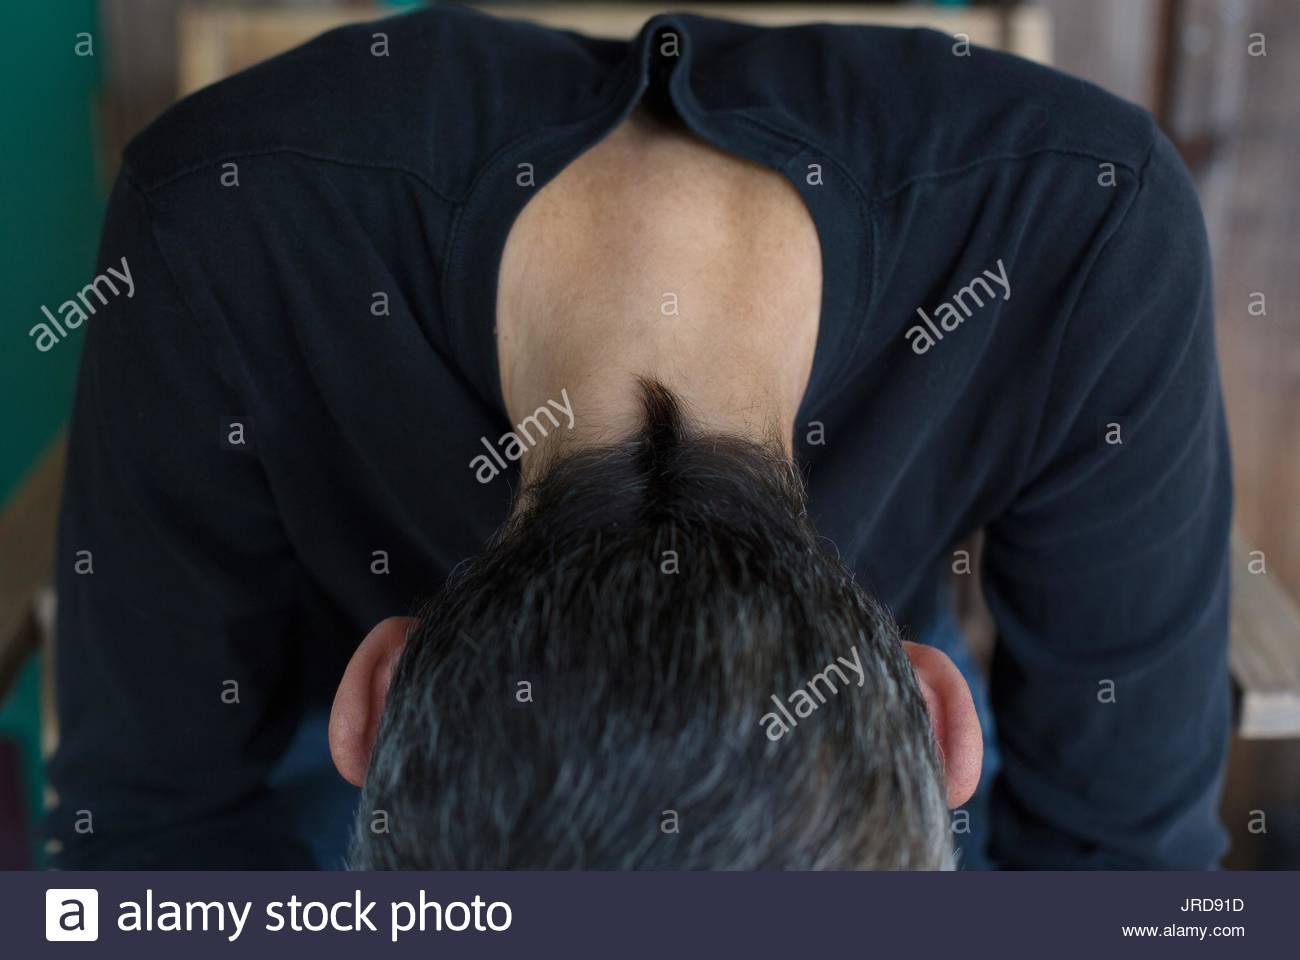 De près de l'arrière de la tête d'une femme, avec les cheveux très courts. Photo Stock